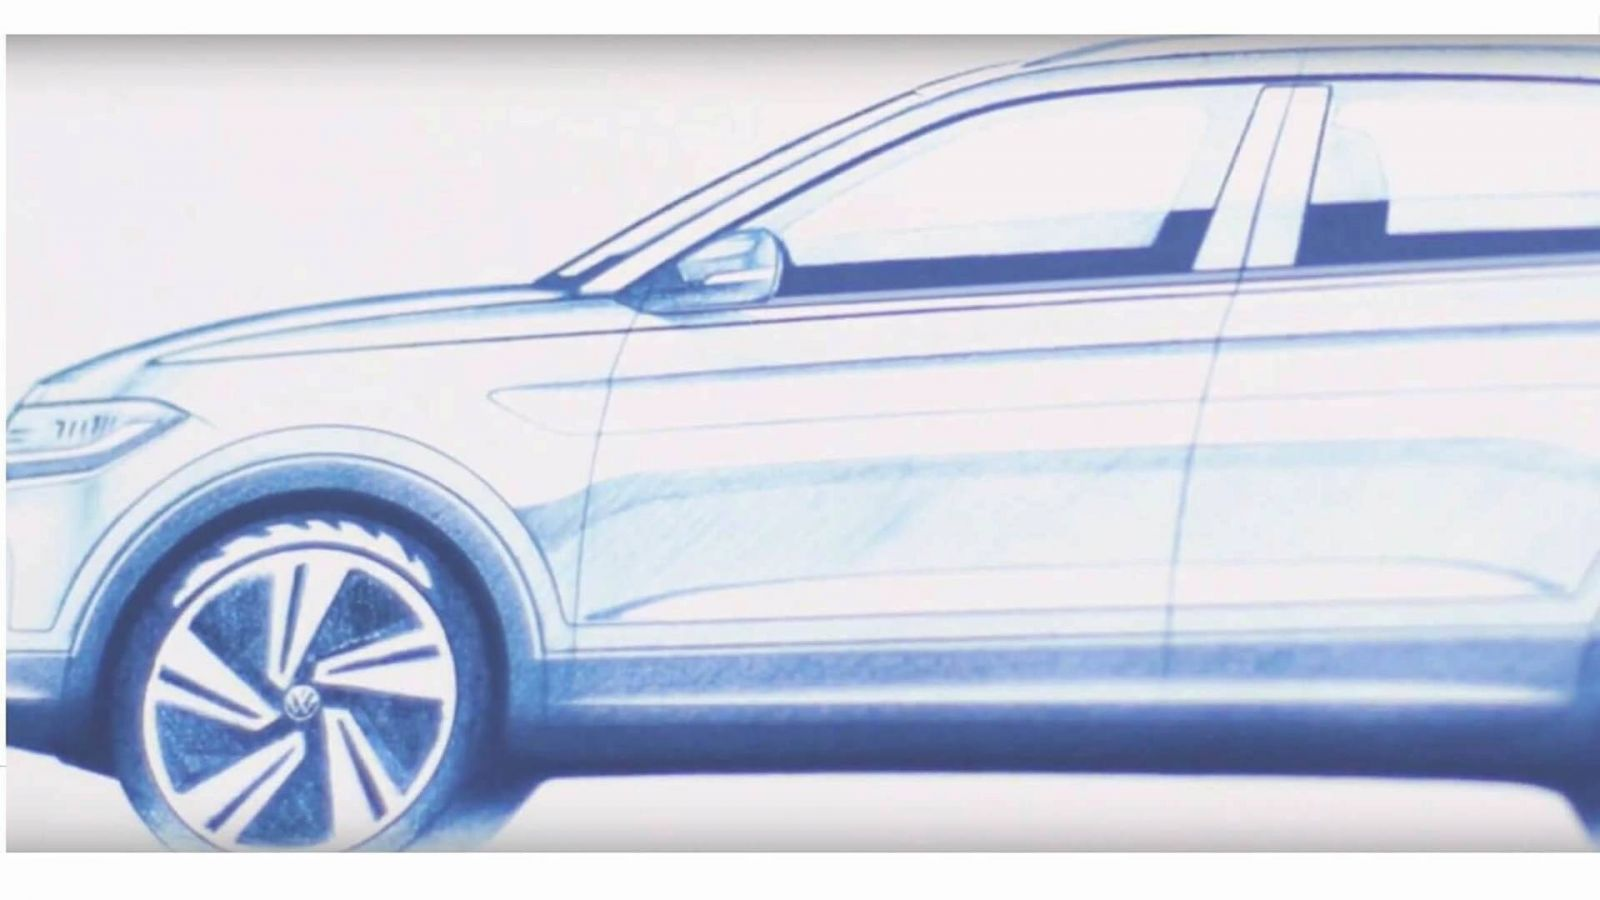 VW T-Cross Teaser